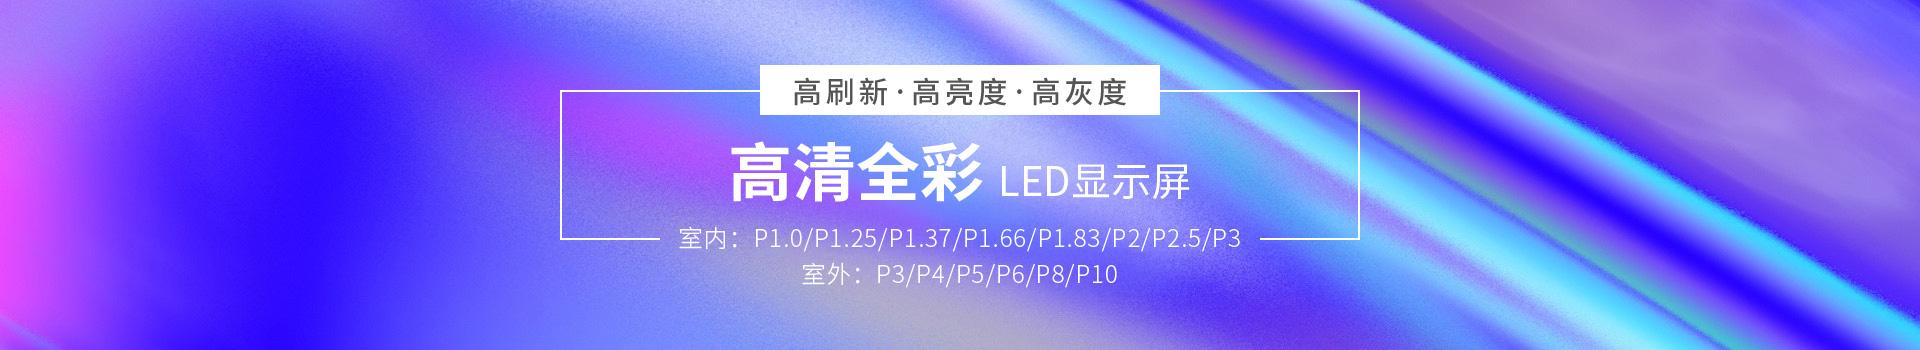 3-小间距LED